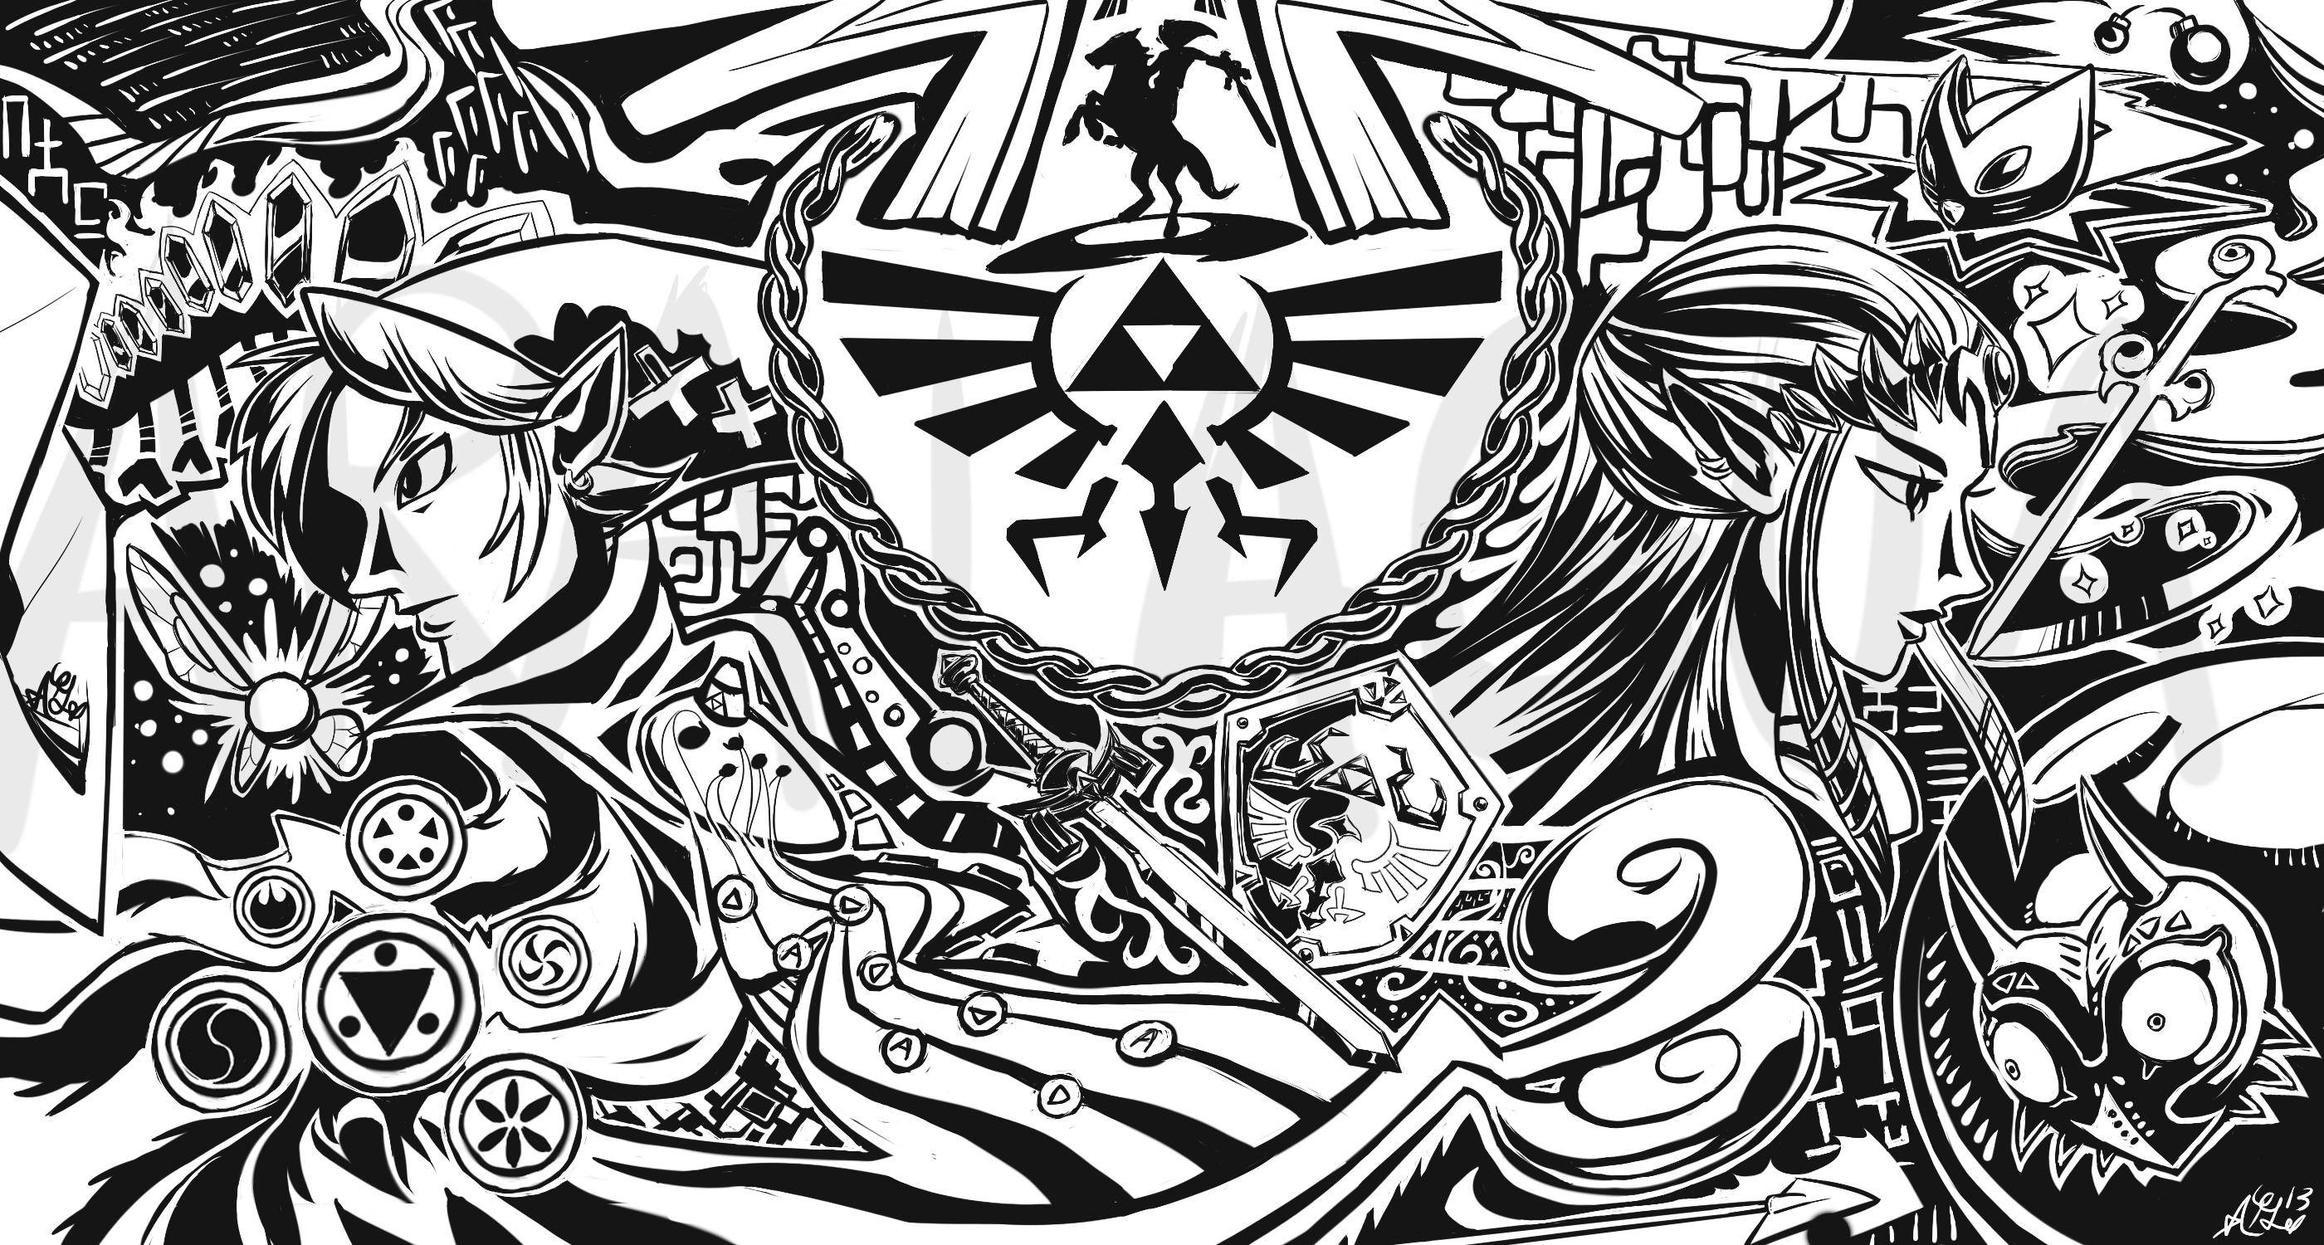 Link triforce Ocarina Of Time The Legend of Zelda Majoras Mask Navi 2324x1245